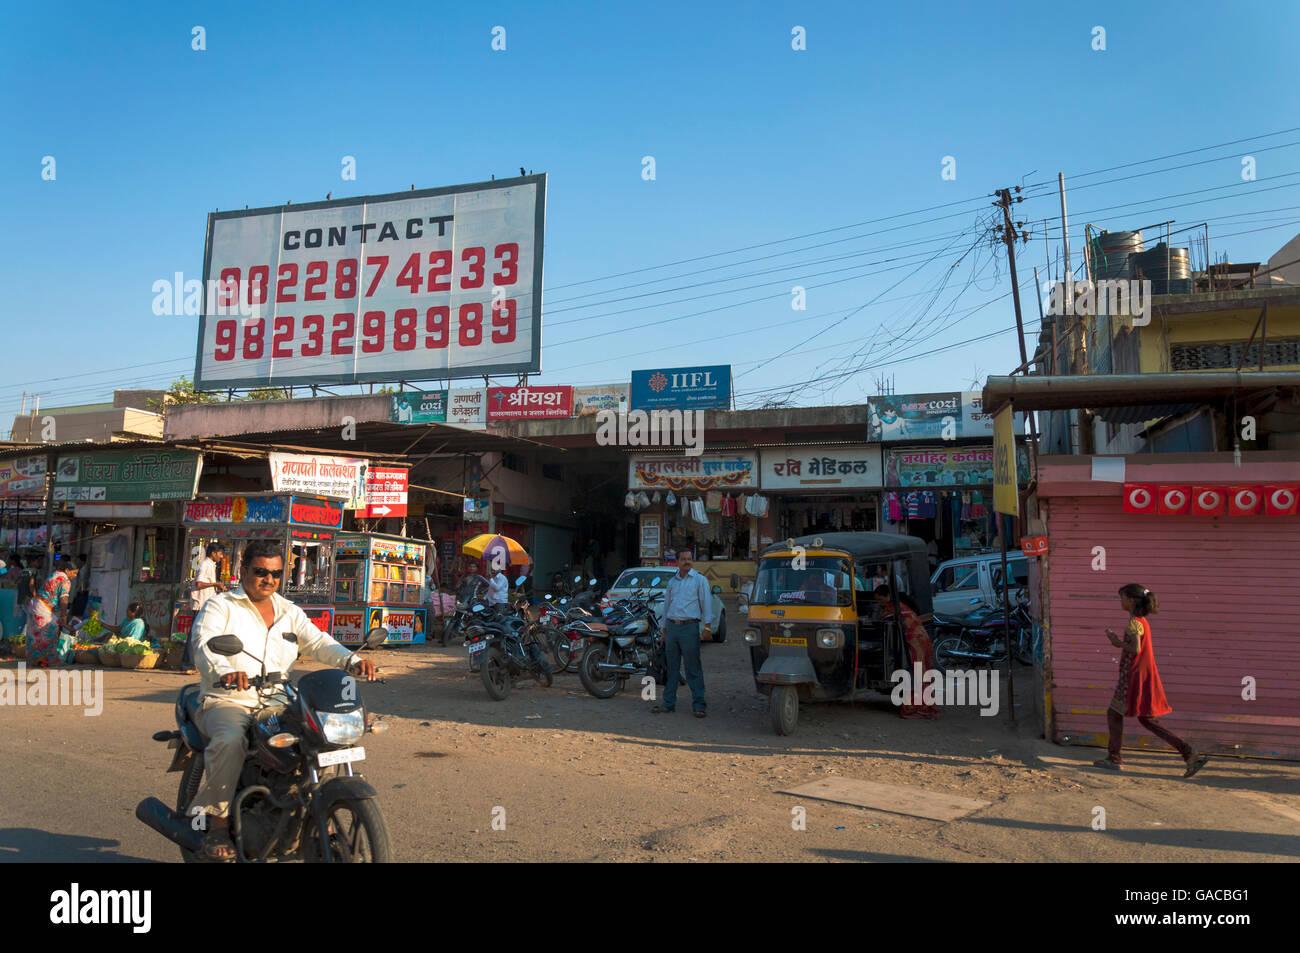 Soirée Scène de rue à Pune, Maharashtra, Inde Banque D'Images